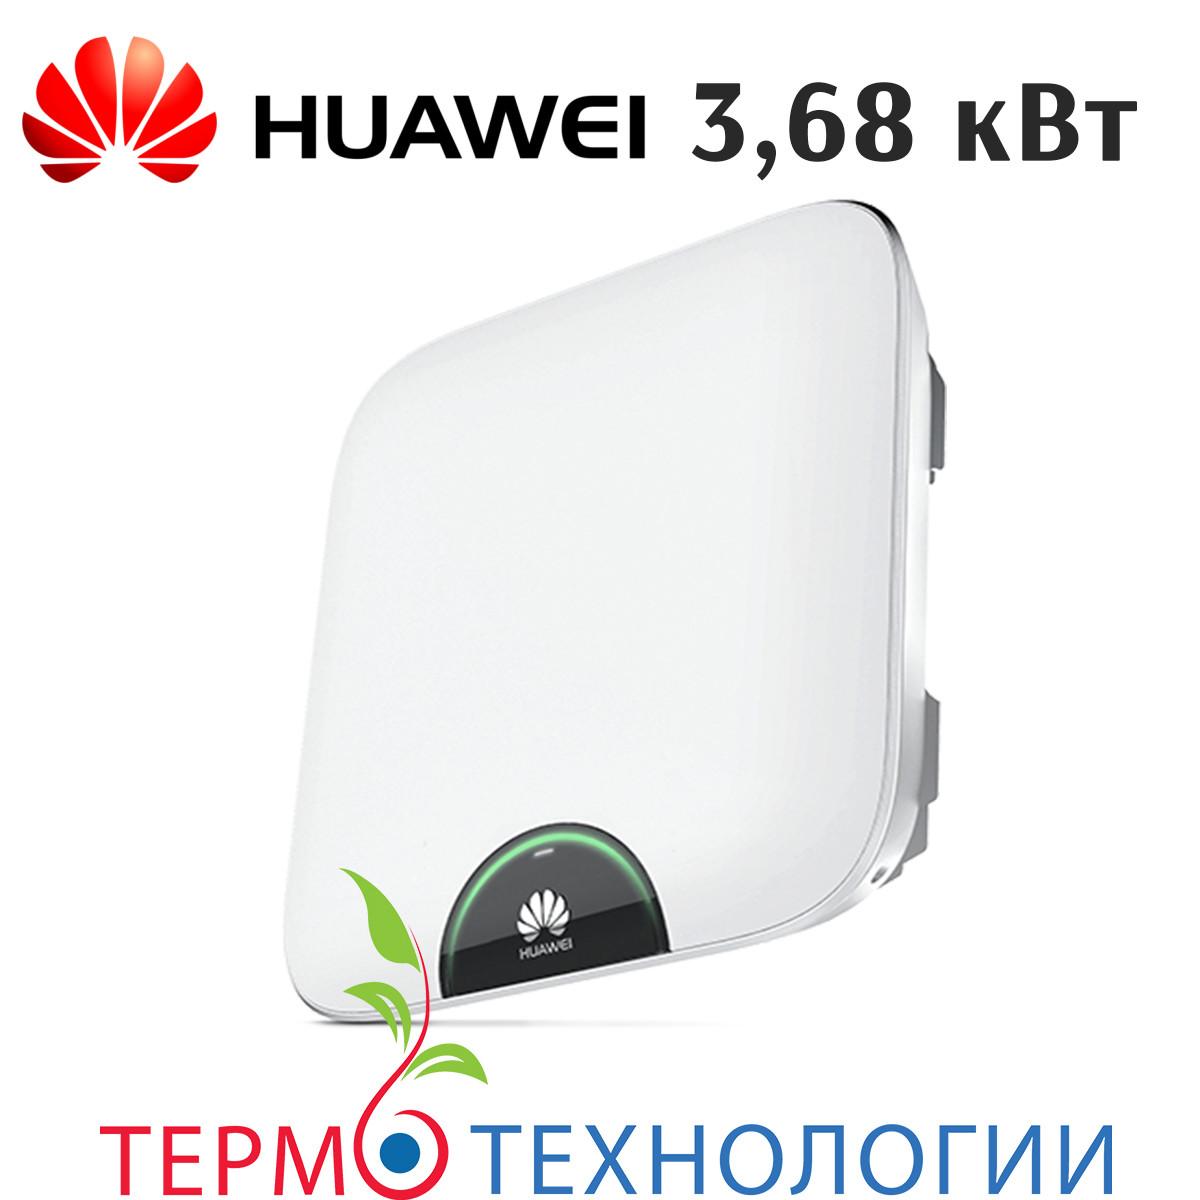 Солнечны инвертор гибридный Huawei 3,68 кВт